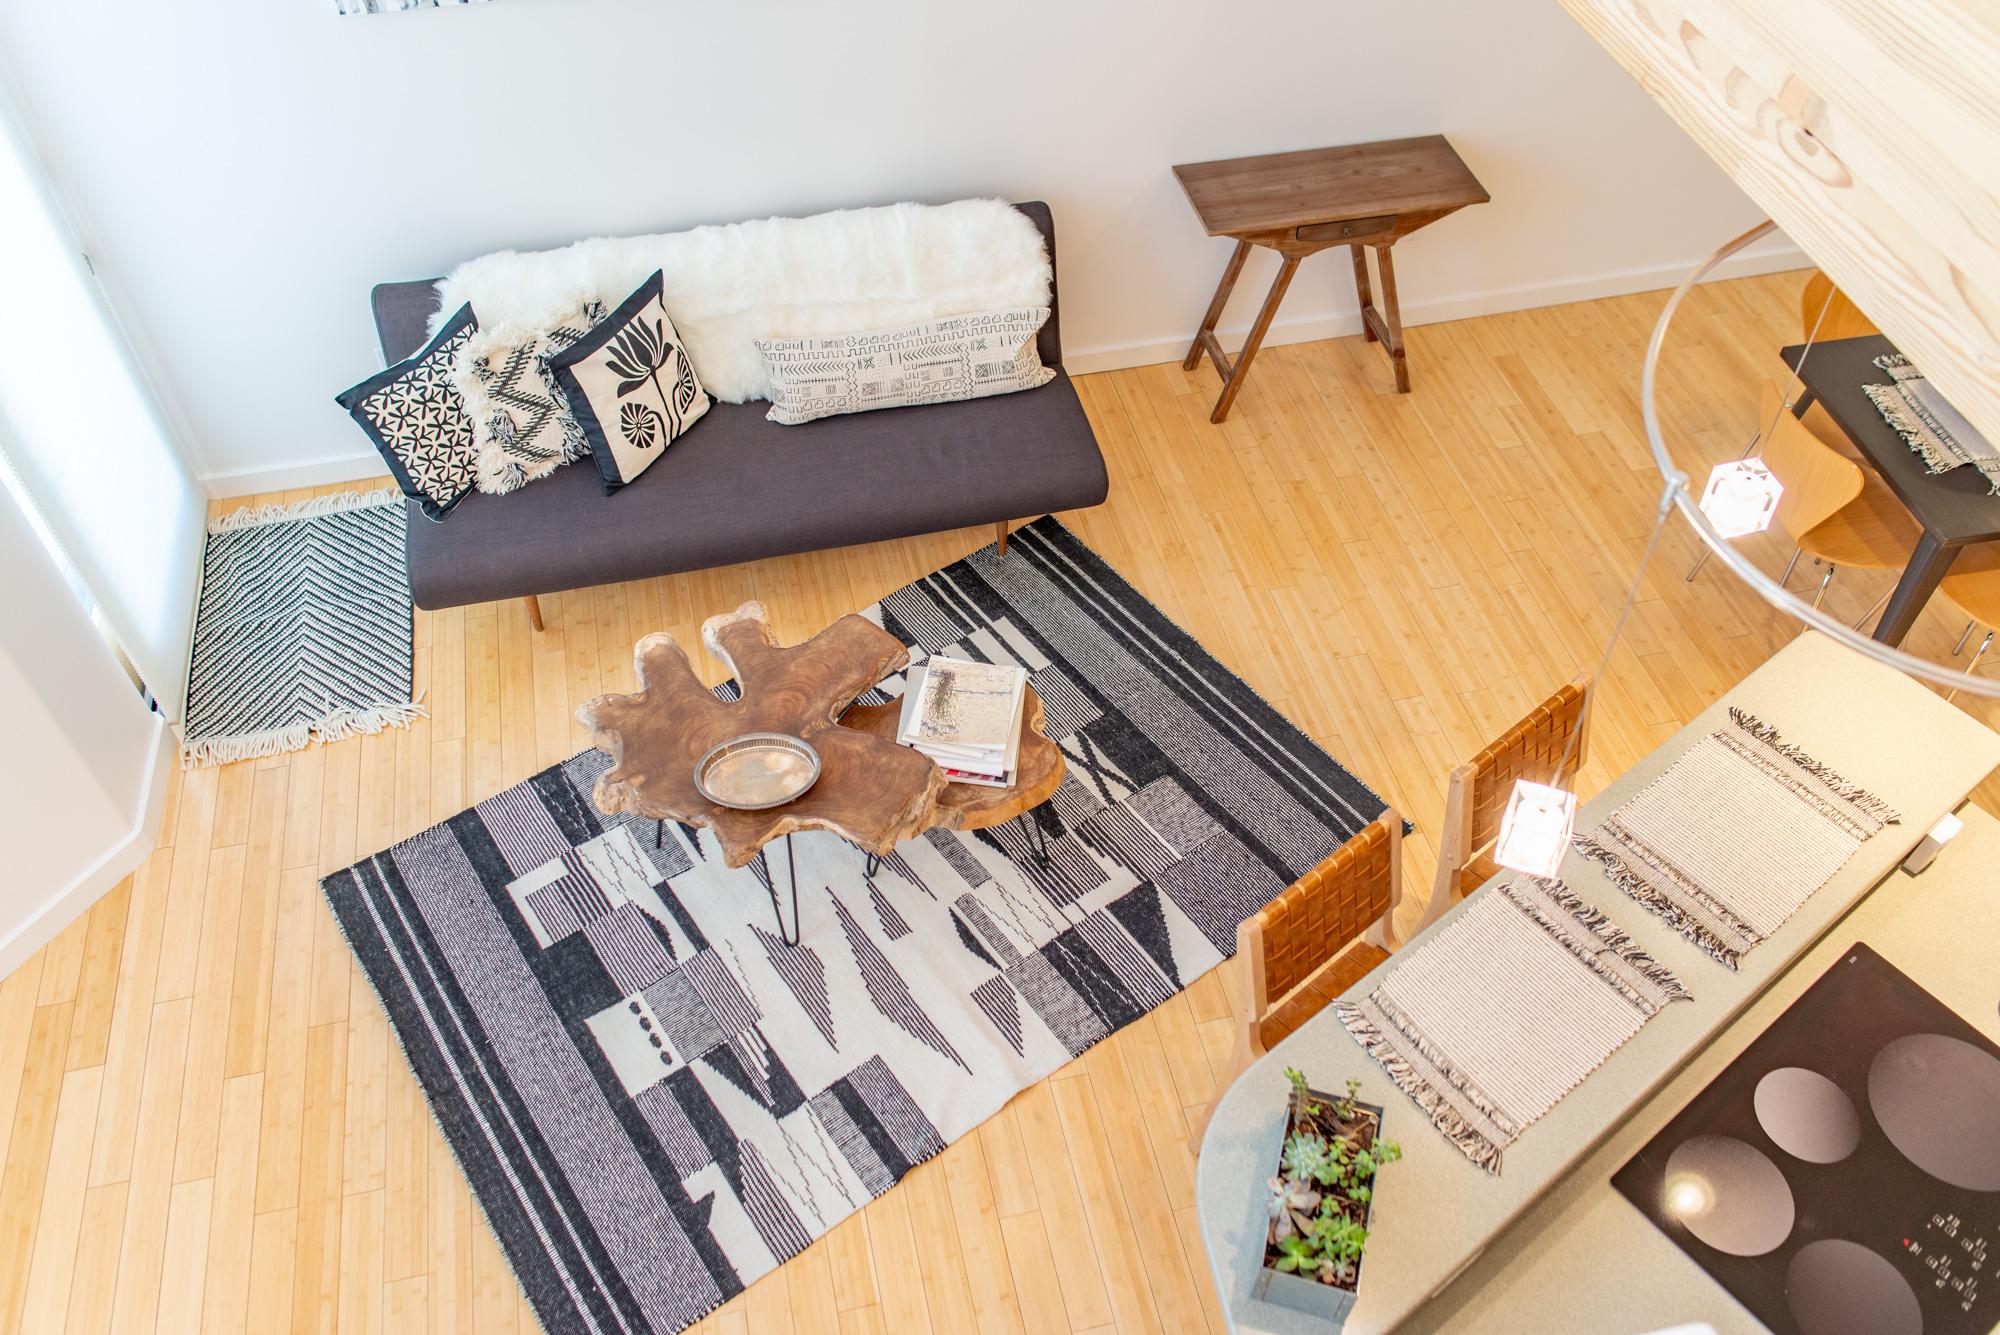 artyard-lofts-social-media-3207.jpg